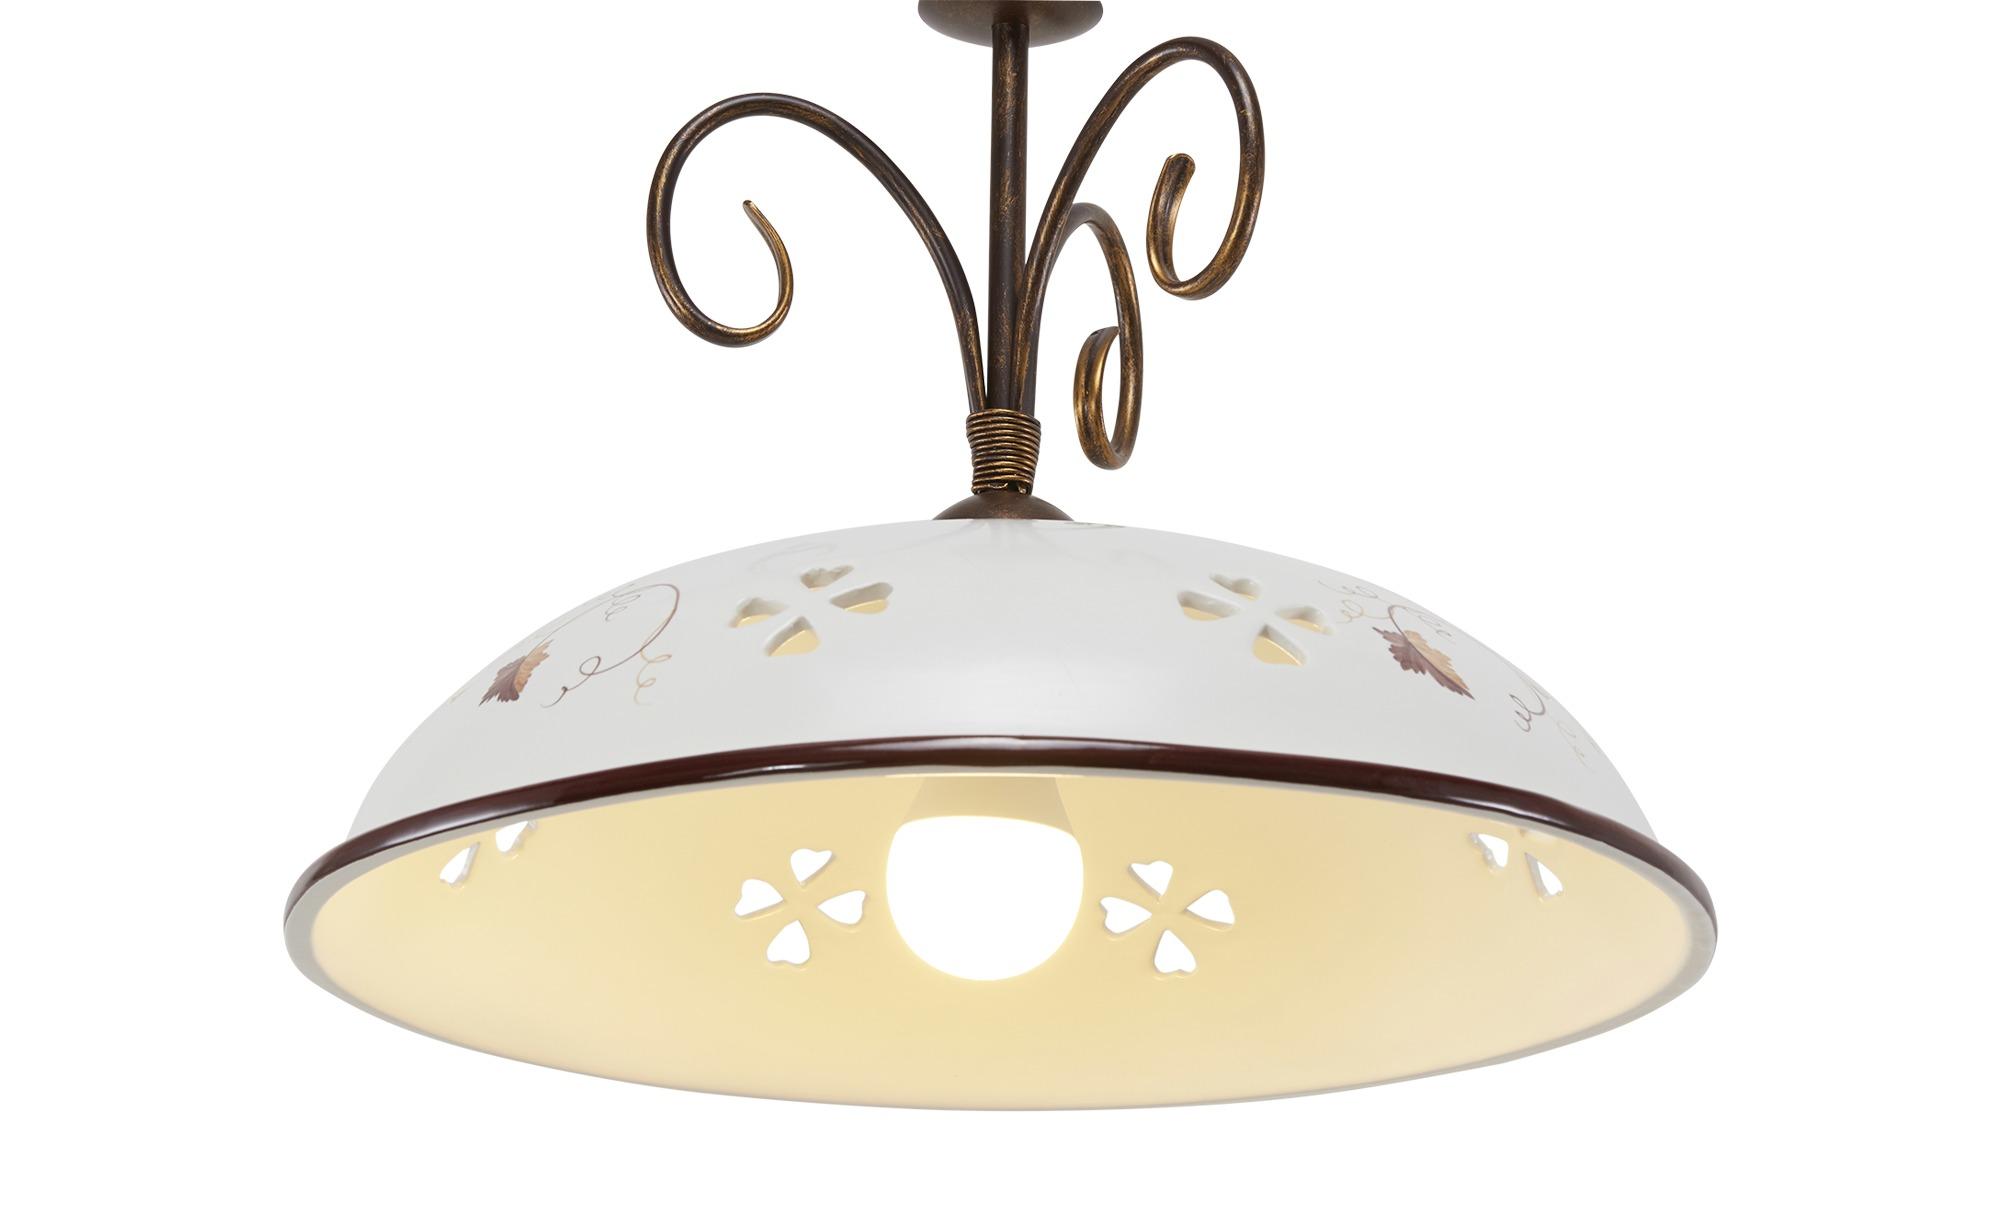 Keramikpendelleuchte, 1-flammig weiß-matt ¦ weiß ¦ Maße (cm): H: 100 Ø: 44 Lampen & Leuchten > Innenleuchten > Pendelleuchten - Höffner